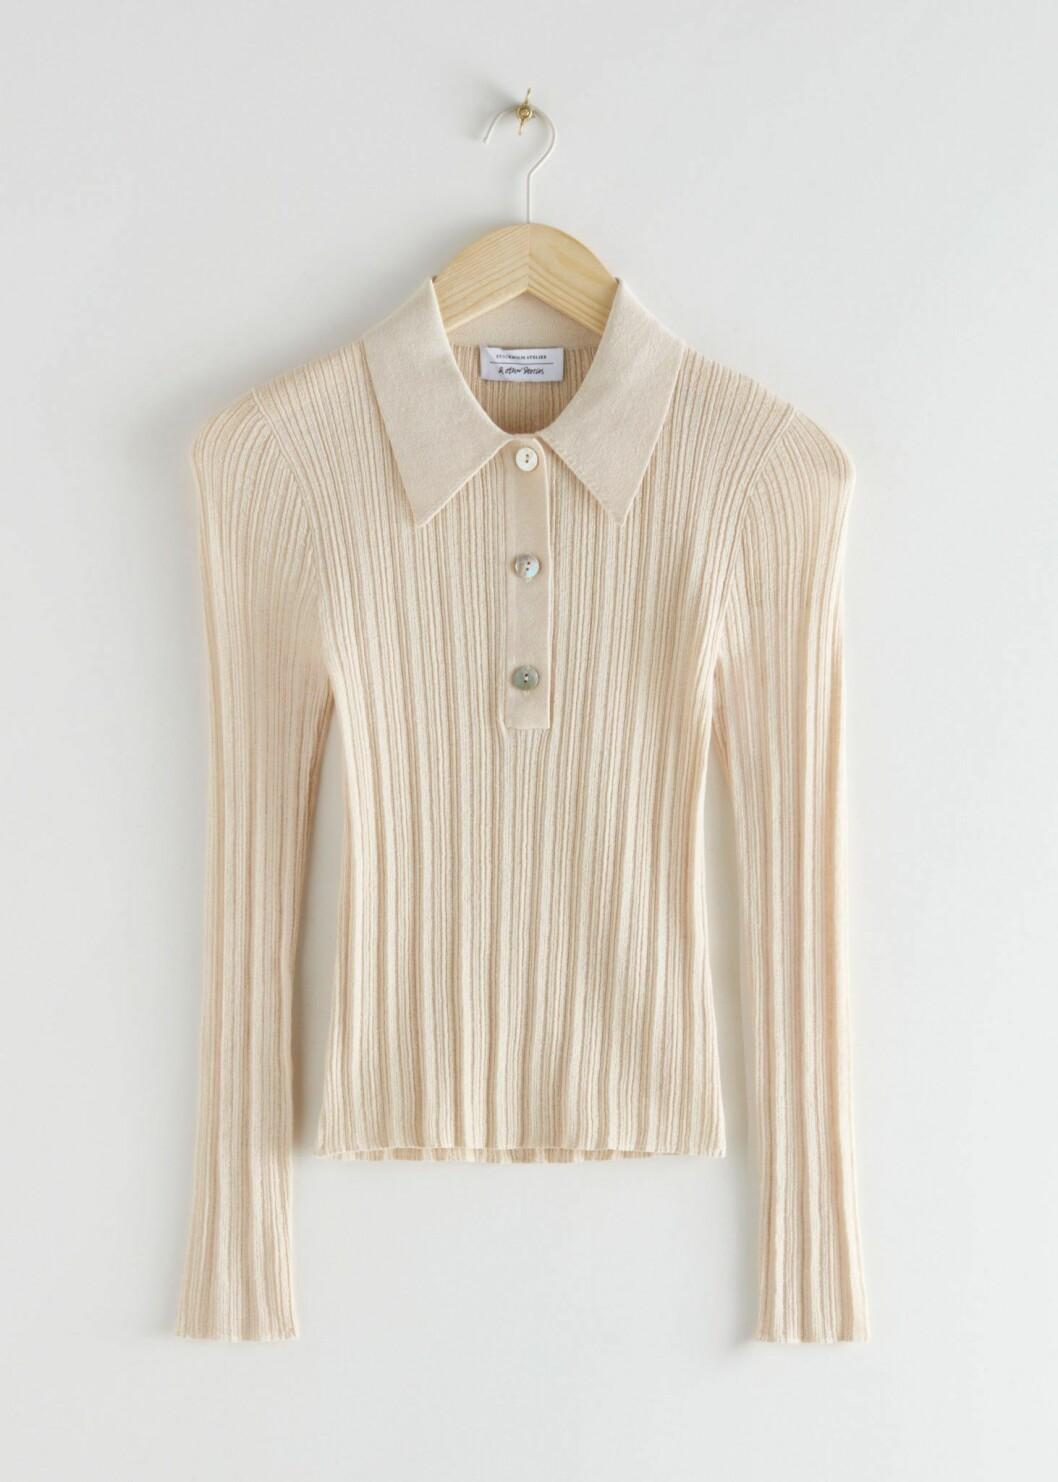 Ribbad tröja i beige från & Other stories med klädda knappar.